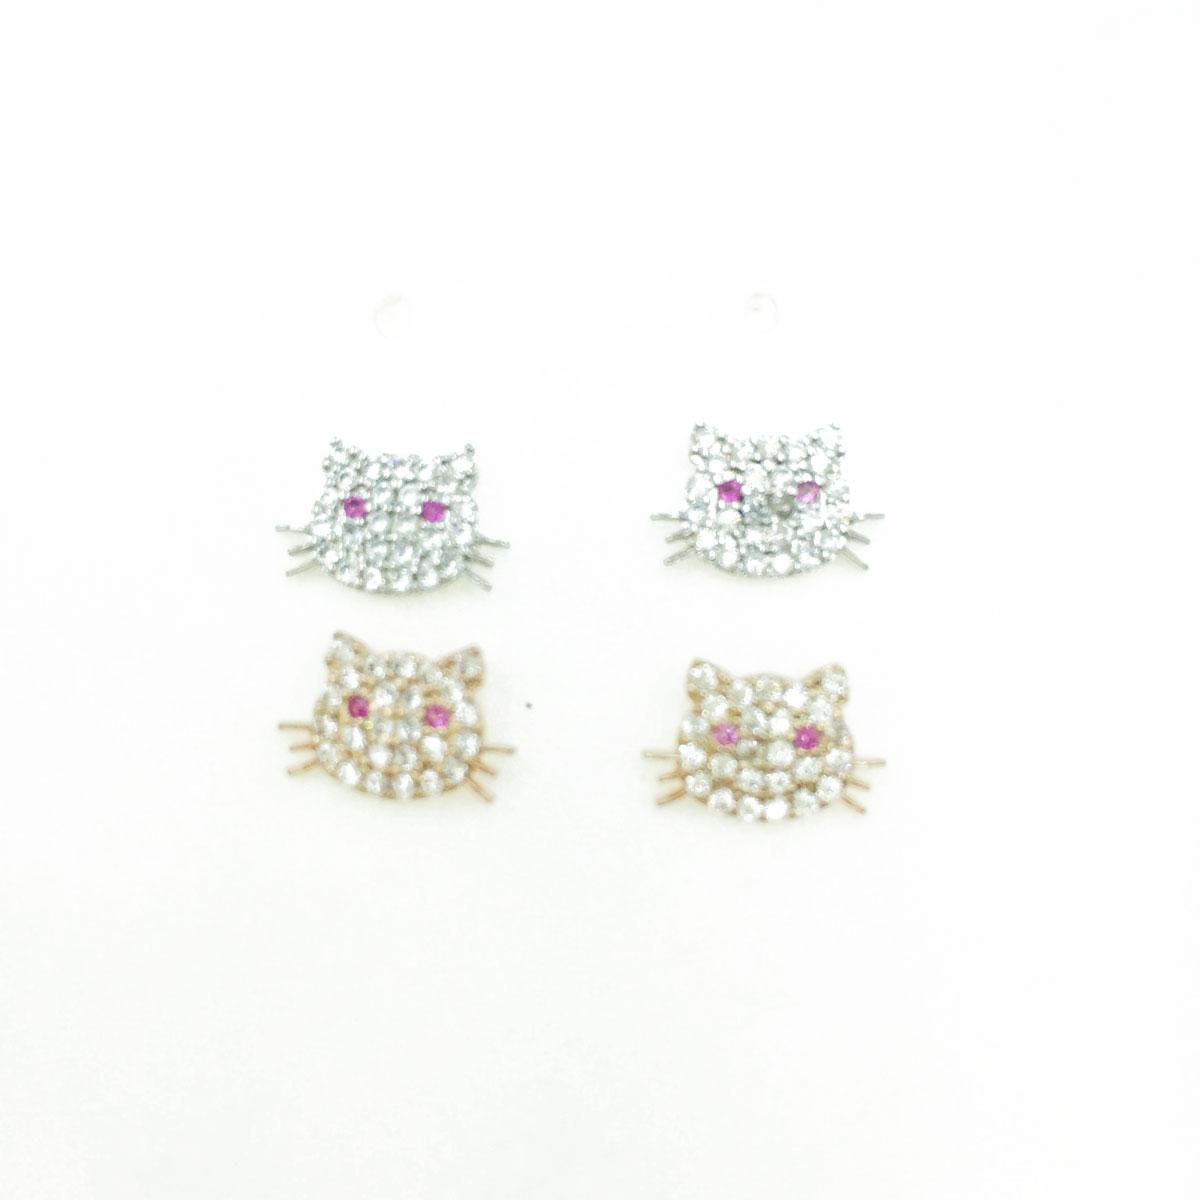 韓國 抗敏電鍍 貓咪 造型 銀 玫瑰金 耳針式耳環